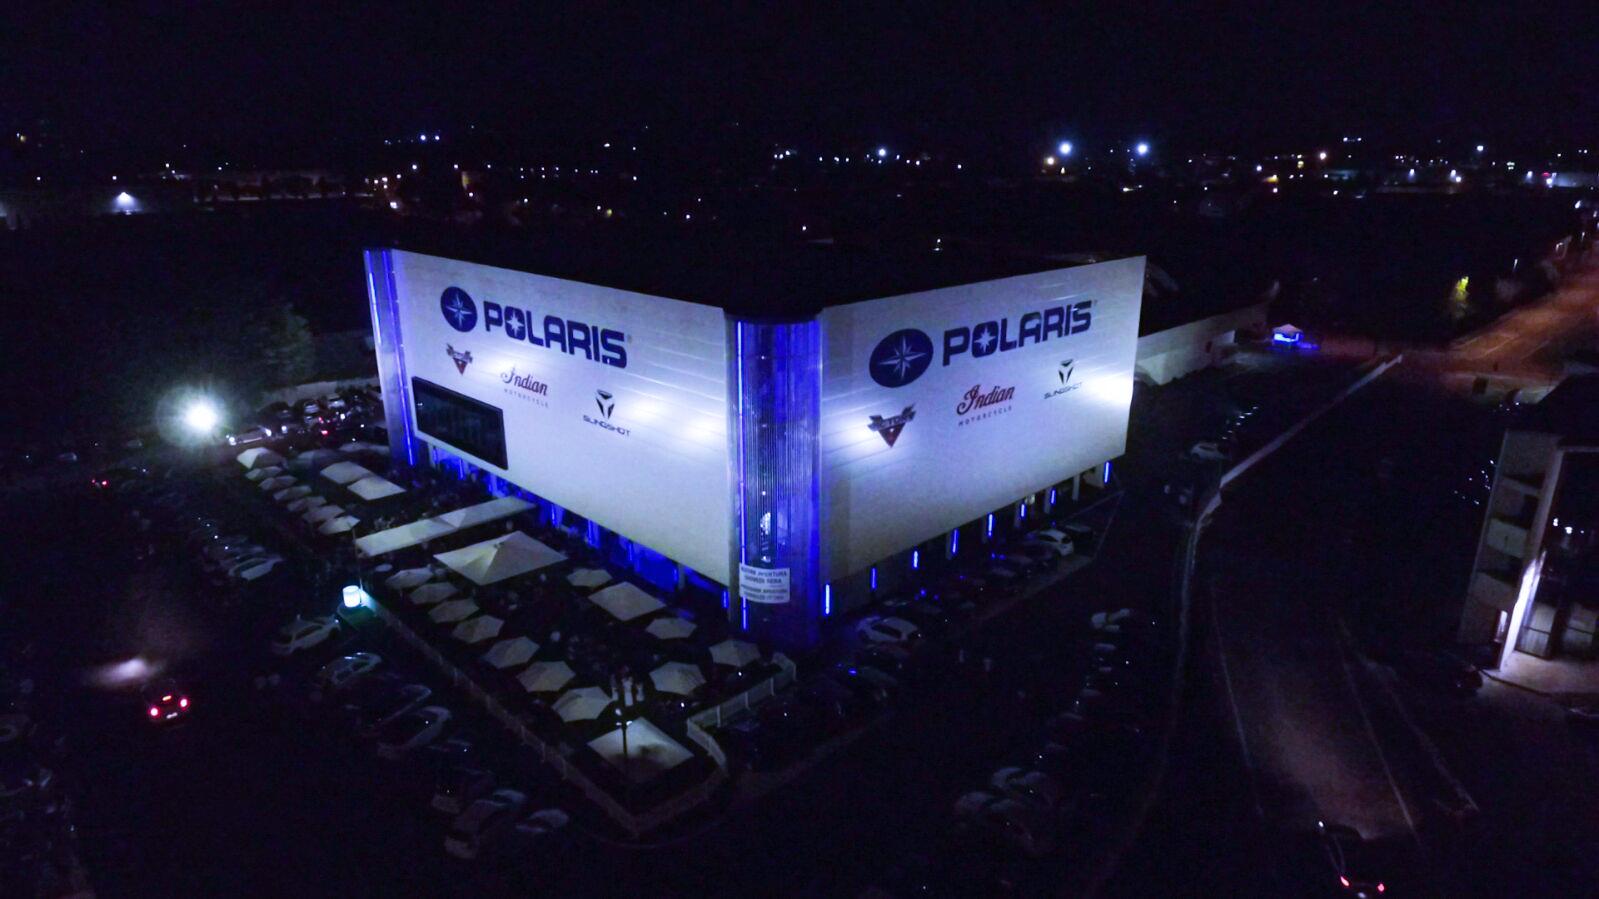 polaris studios